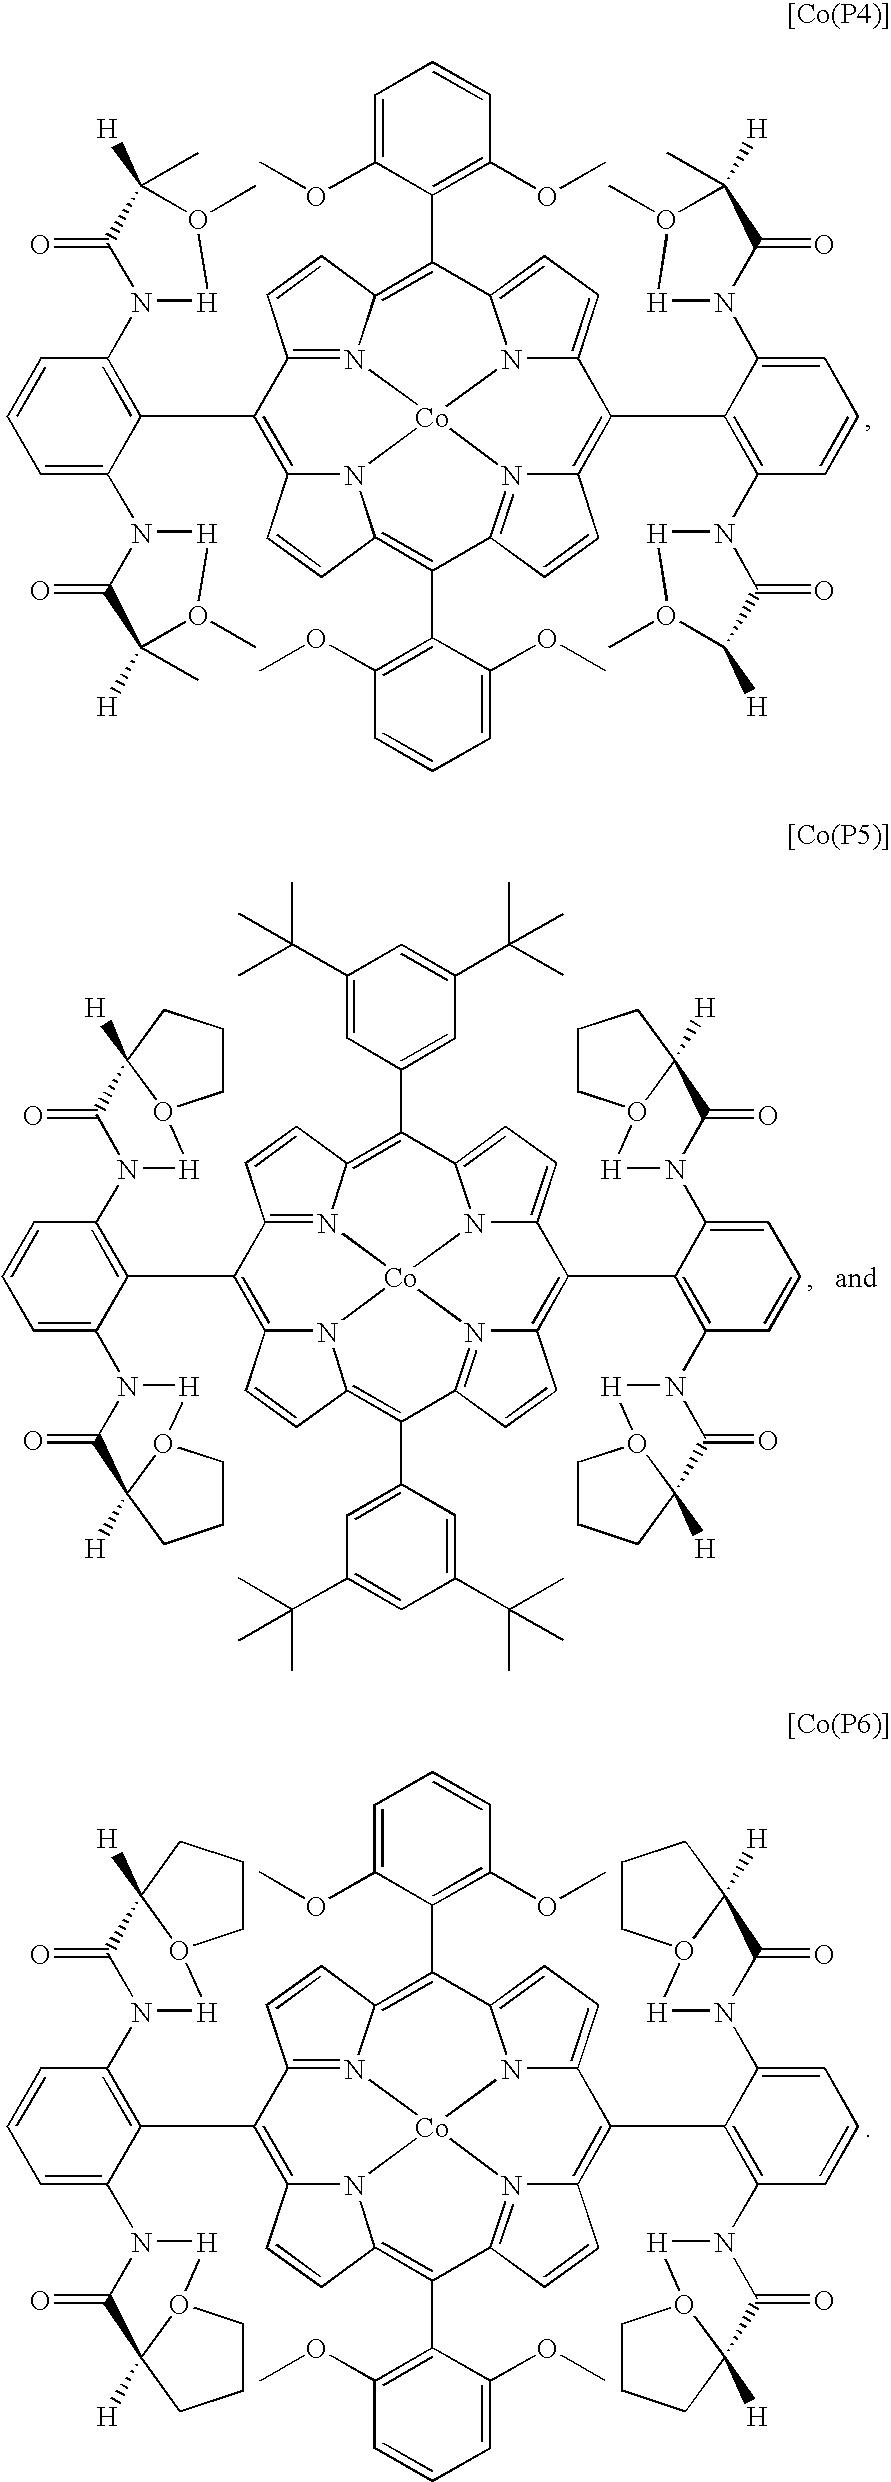 Figure US20100081838A1-20100401-C00124